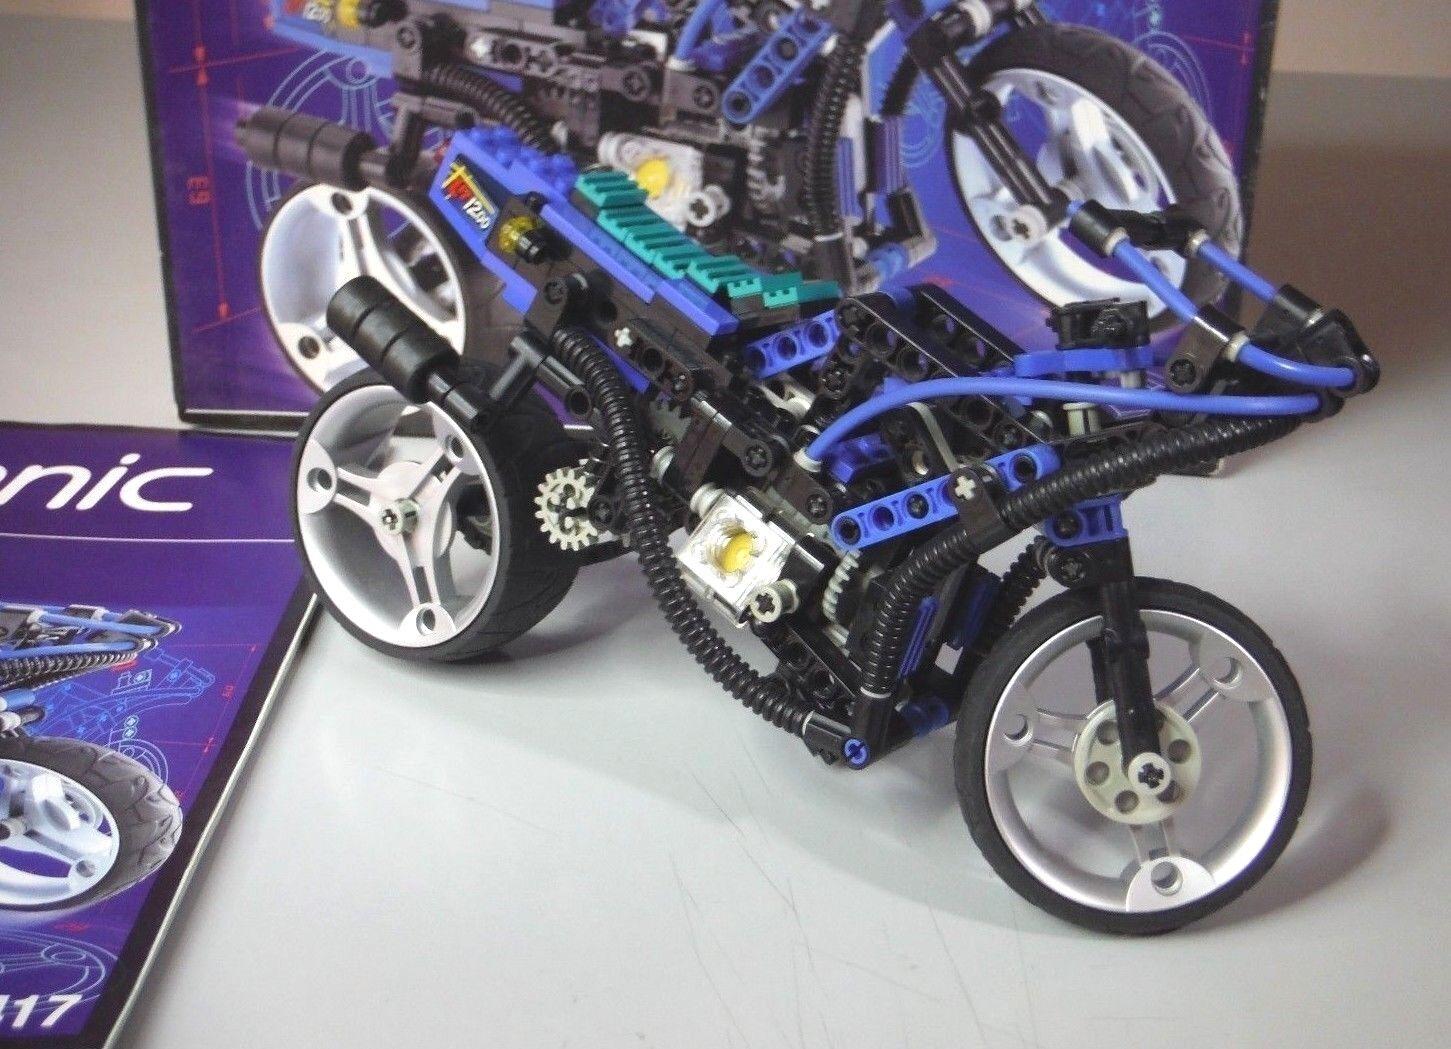 SET LEGO TECHNIC 8417 MOTO SUPER BIKE - COMPLETO 100% - RARITA'